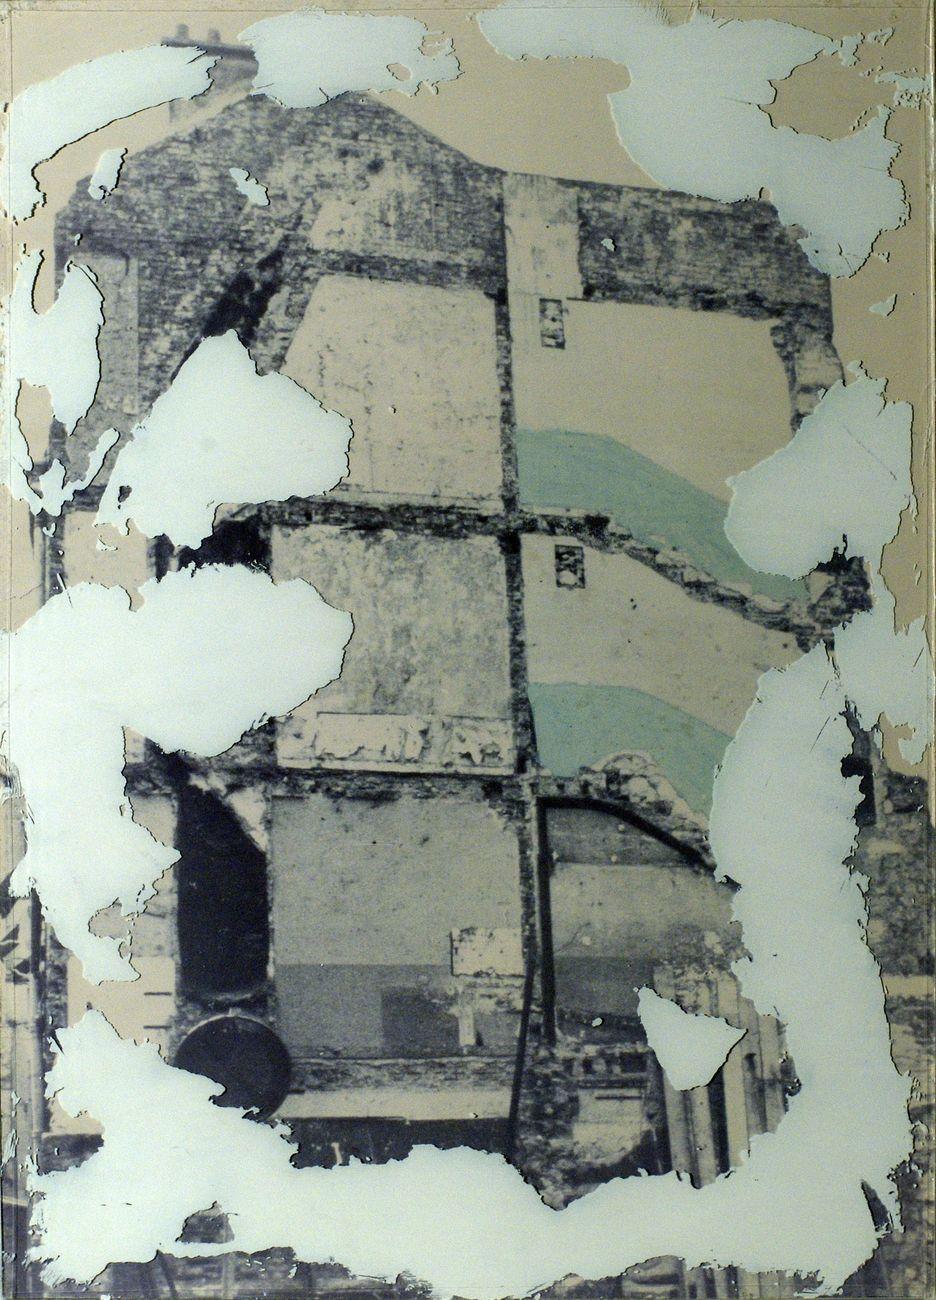 Franco Guerzoni, Affreschi, 1973, scagliola su lastra di vetro su stampa cromogenica, cm 69x49